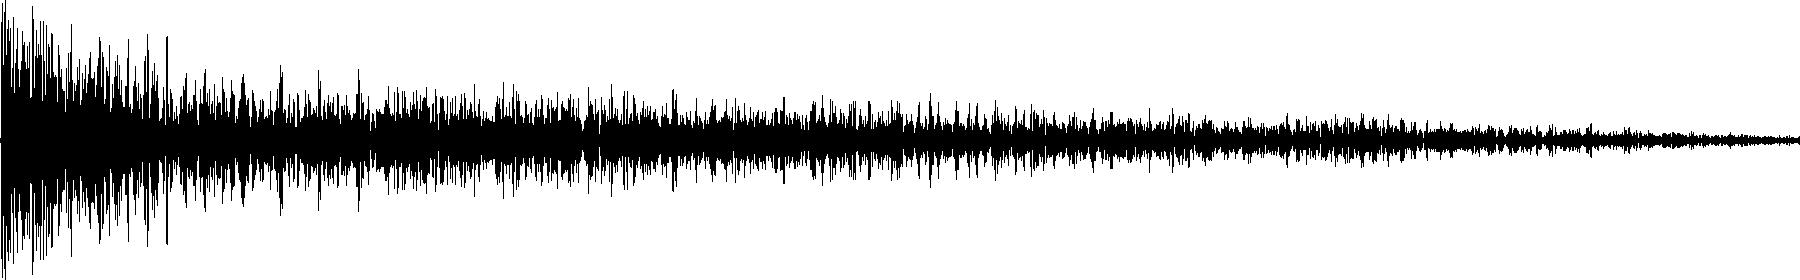 veh2 synths   067 c